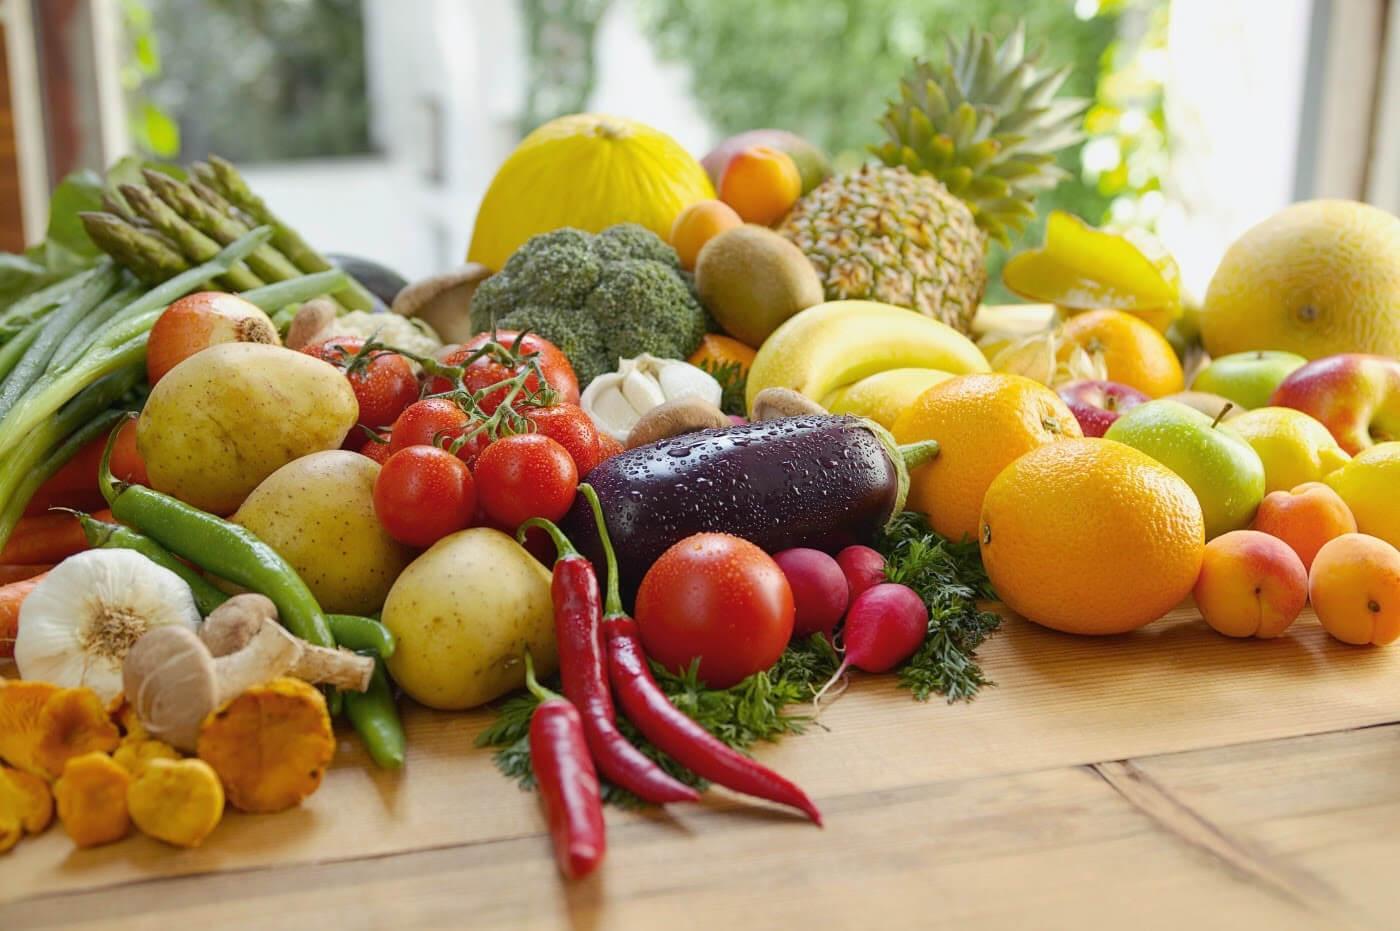 Овочі та фрукти, забруднені промисловими викидами